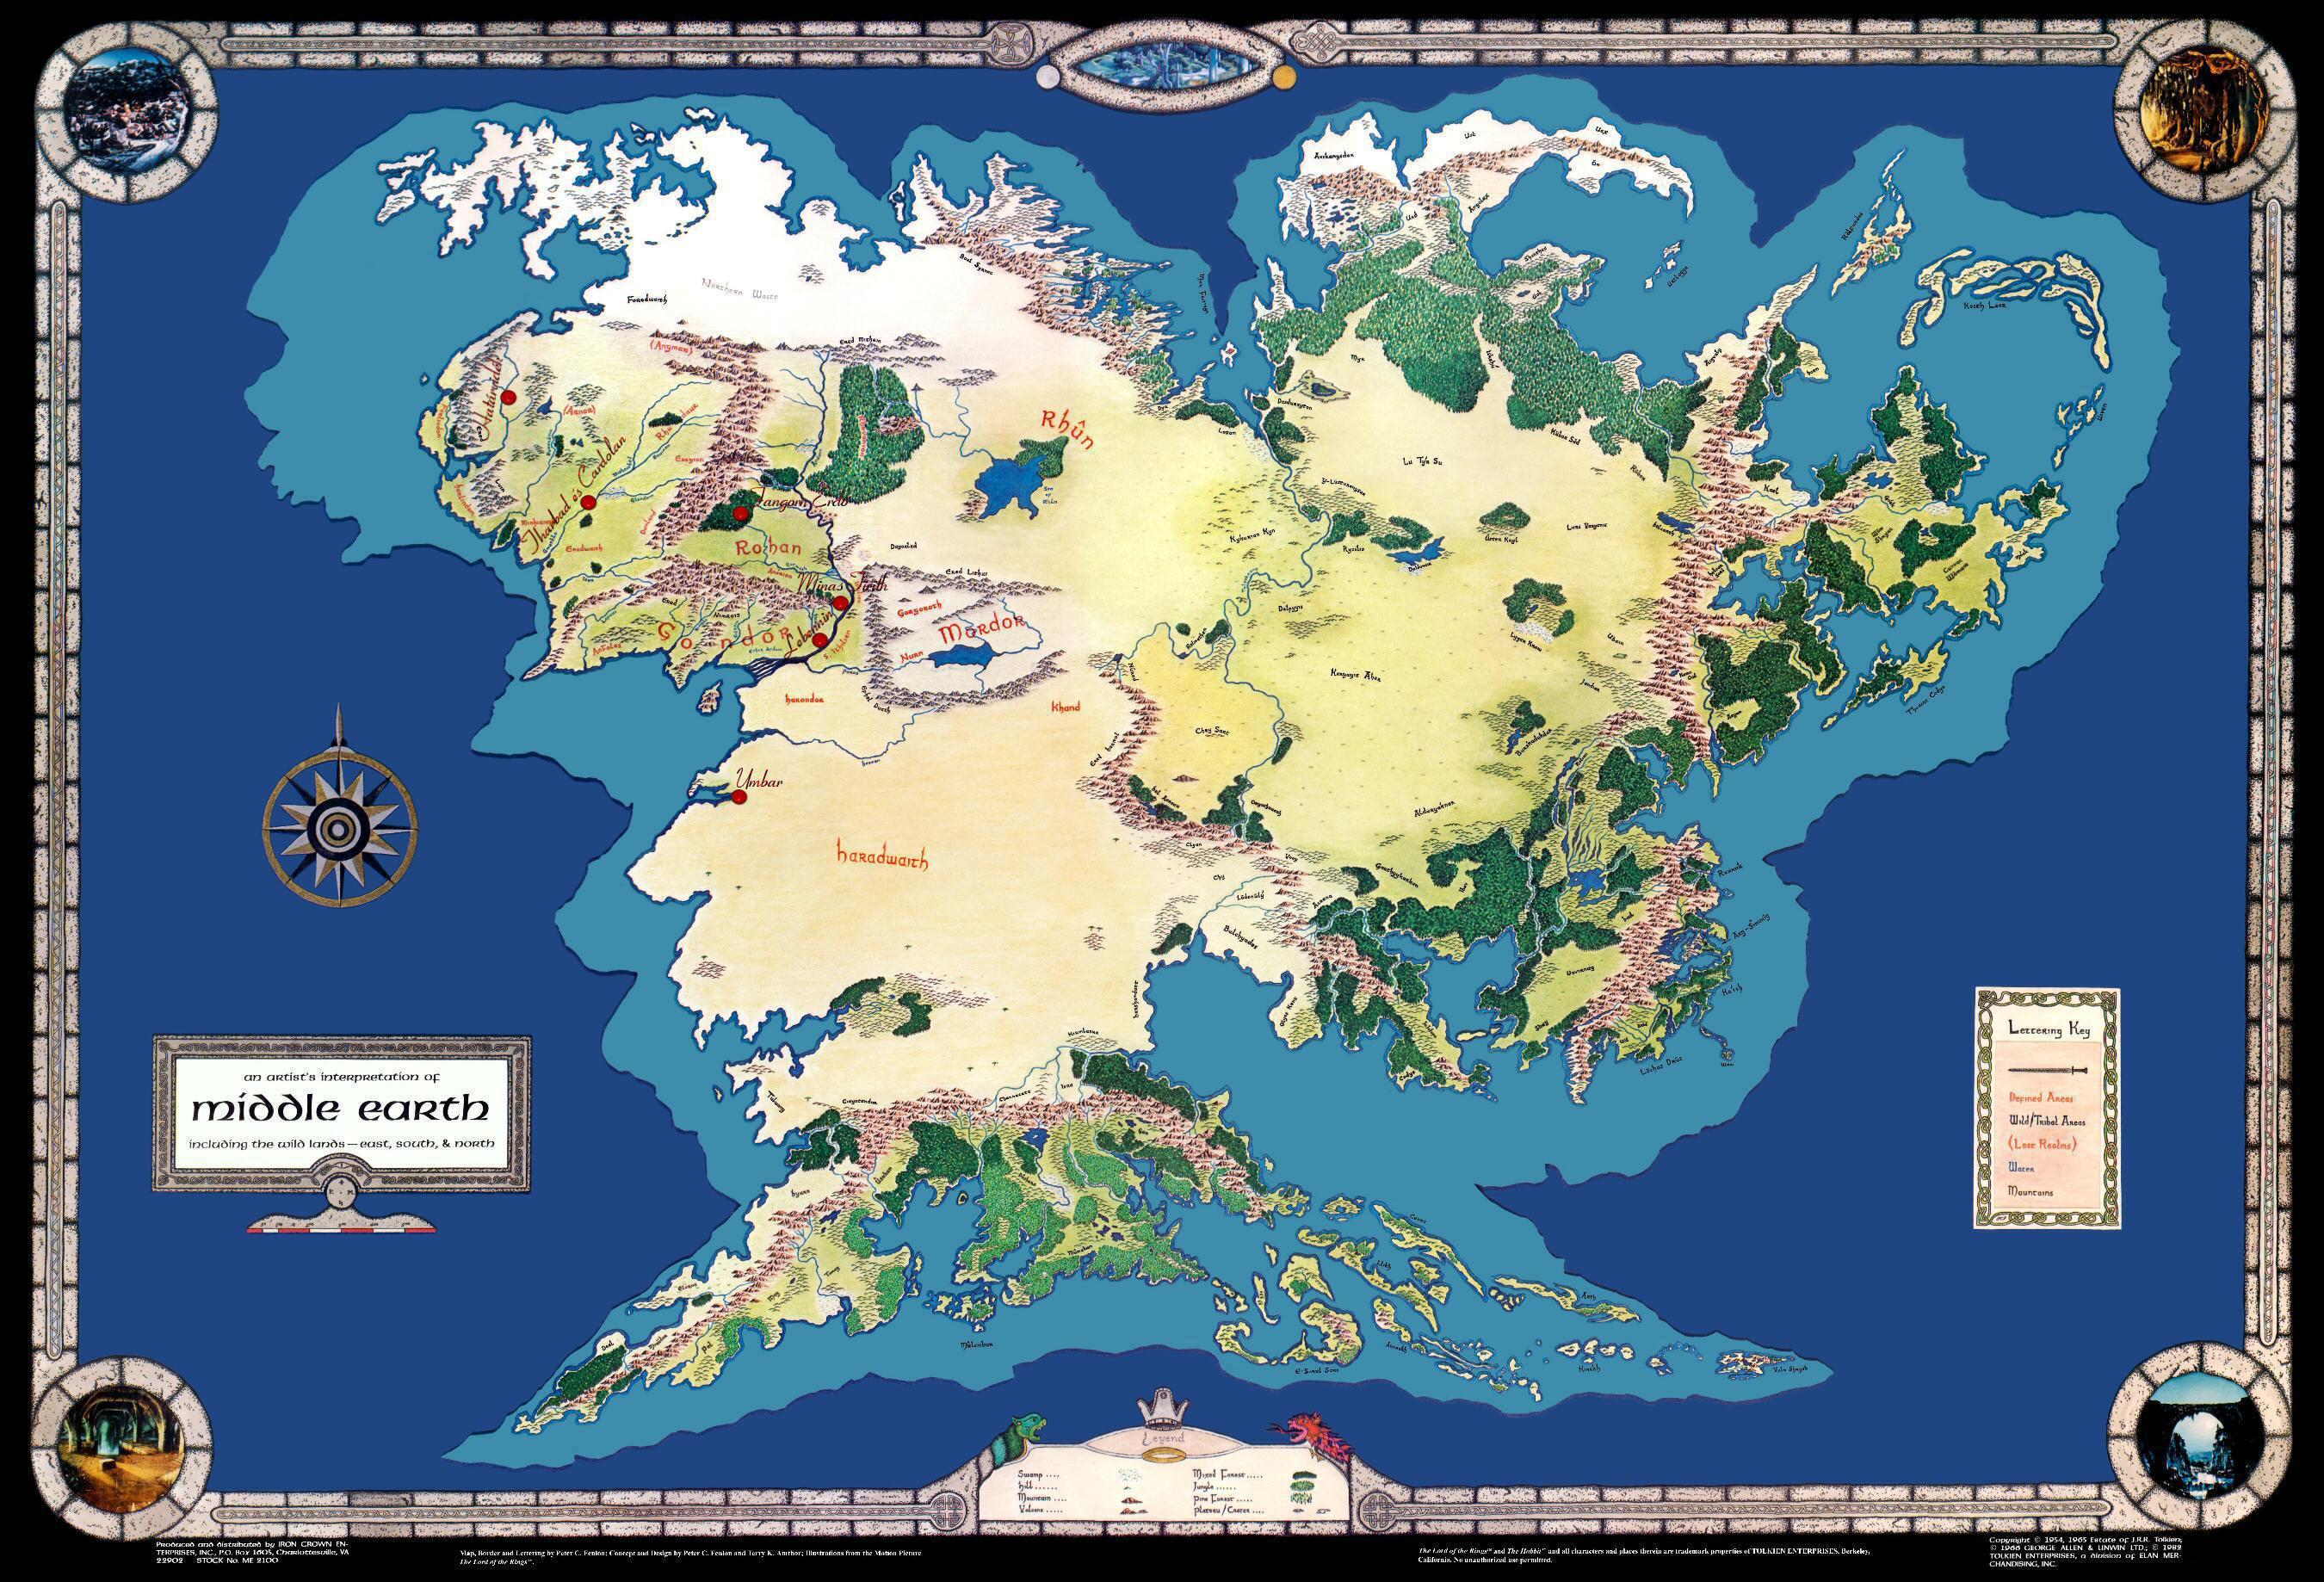 középfölde térkép Térkép: Gyűrűk ura térkép (kép) középfölde térkép